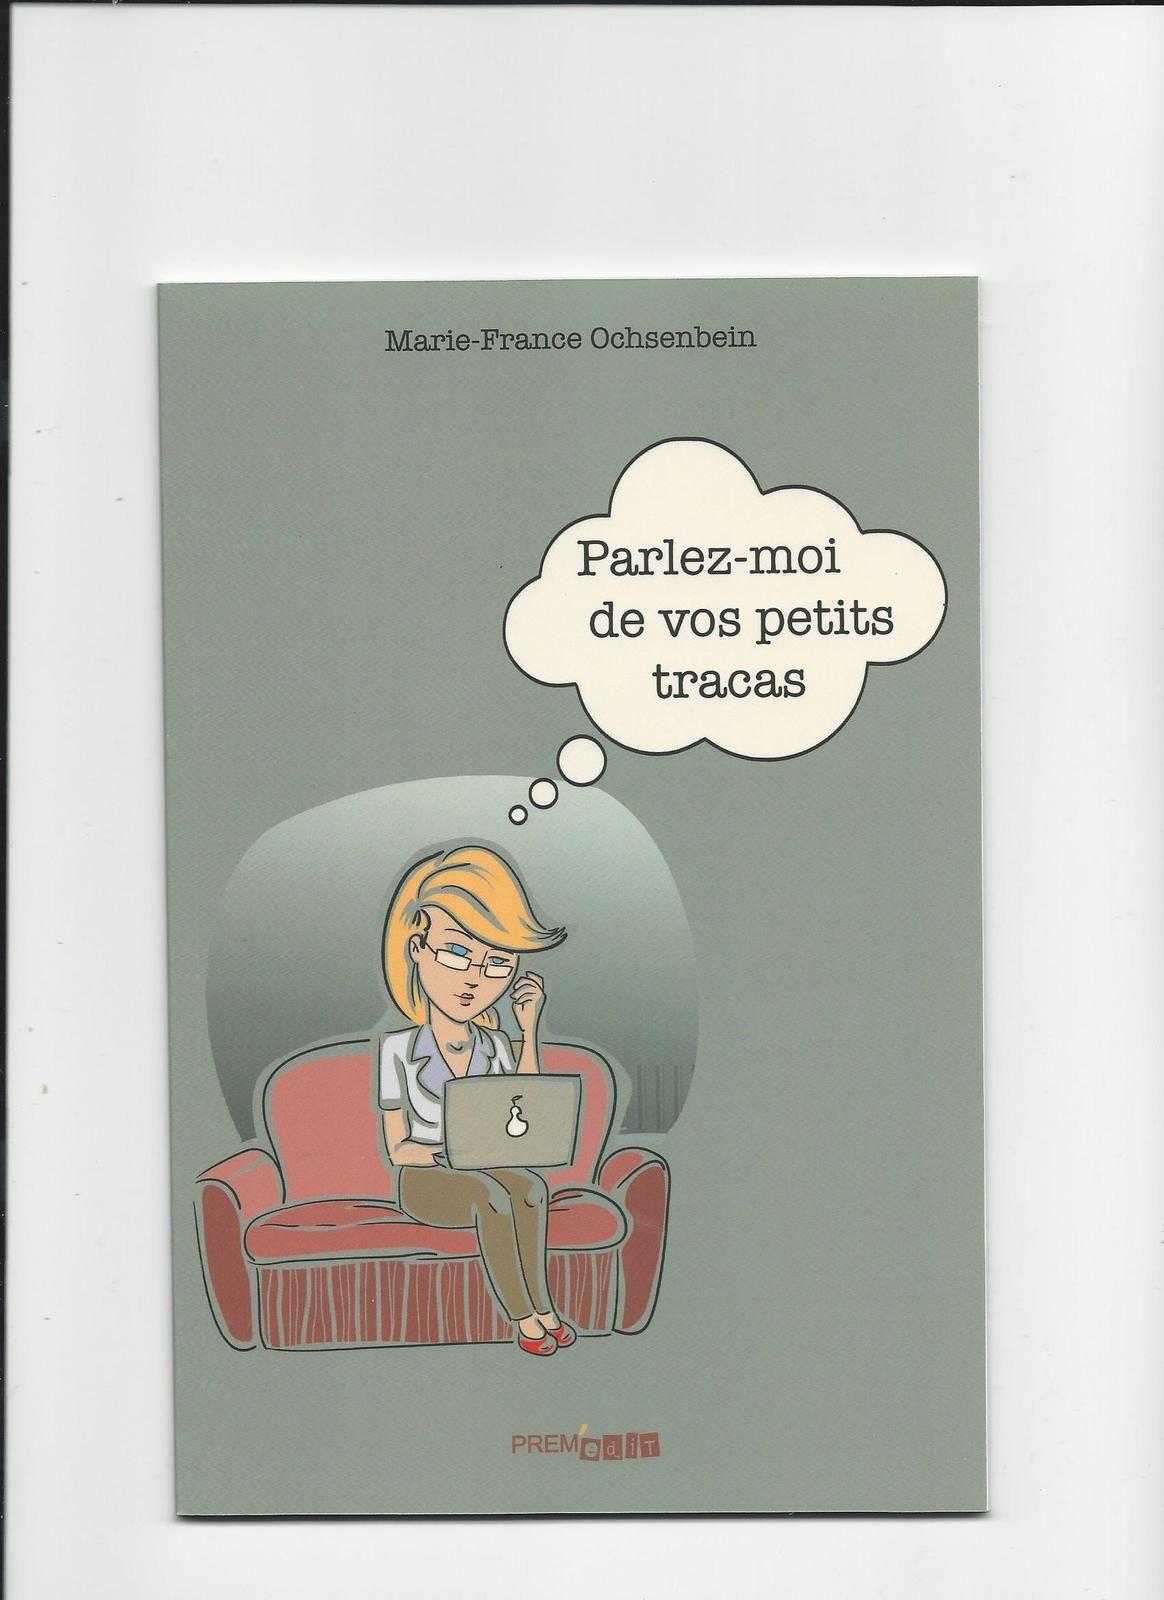 Parlez-moi de vos petits tracas. Marie-France Ochsenbein. Prem'édit. - DR